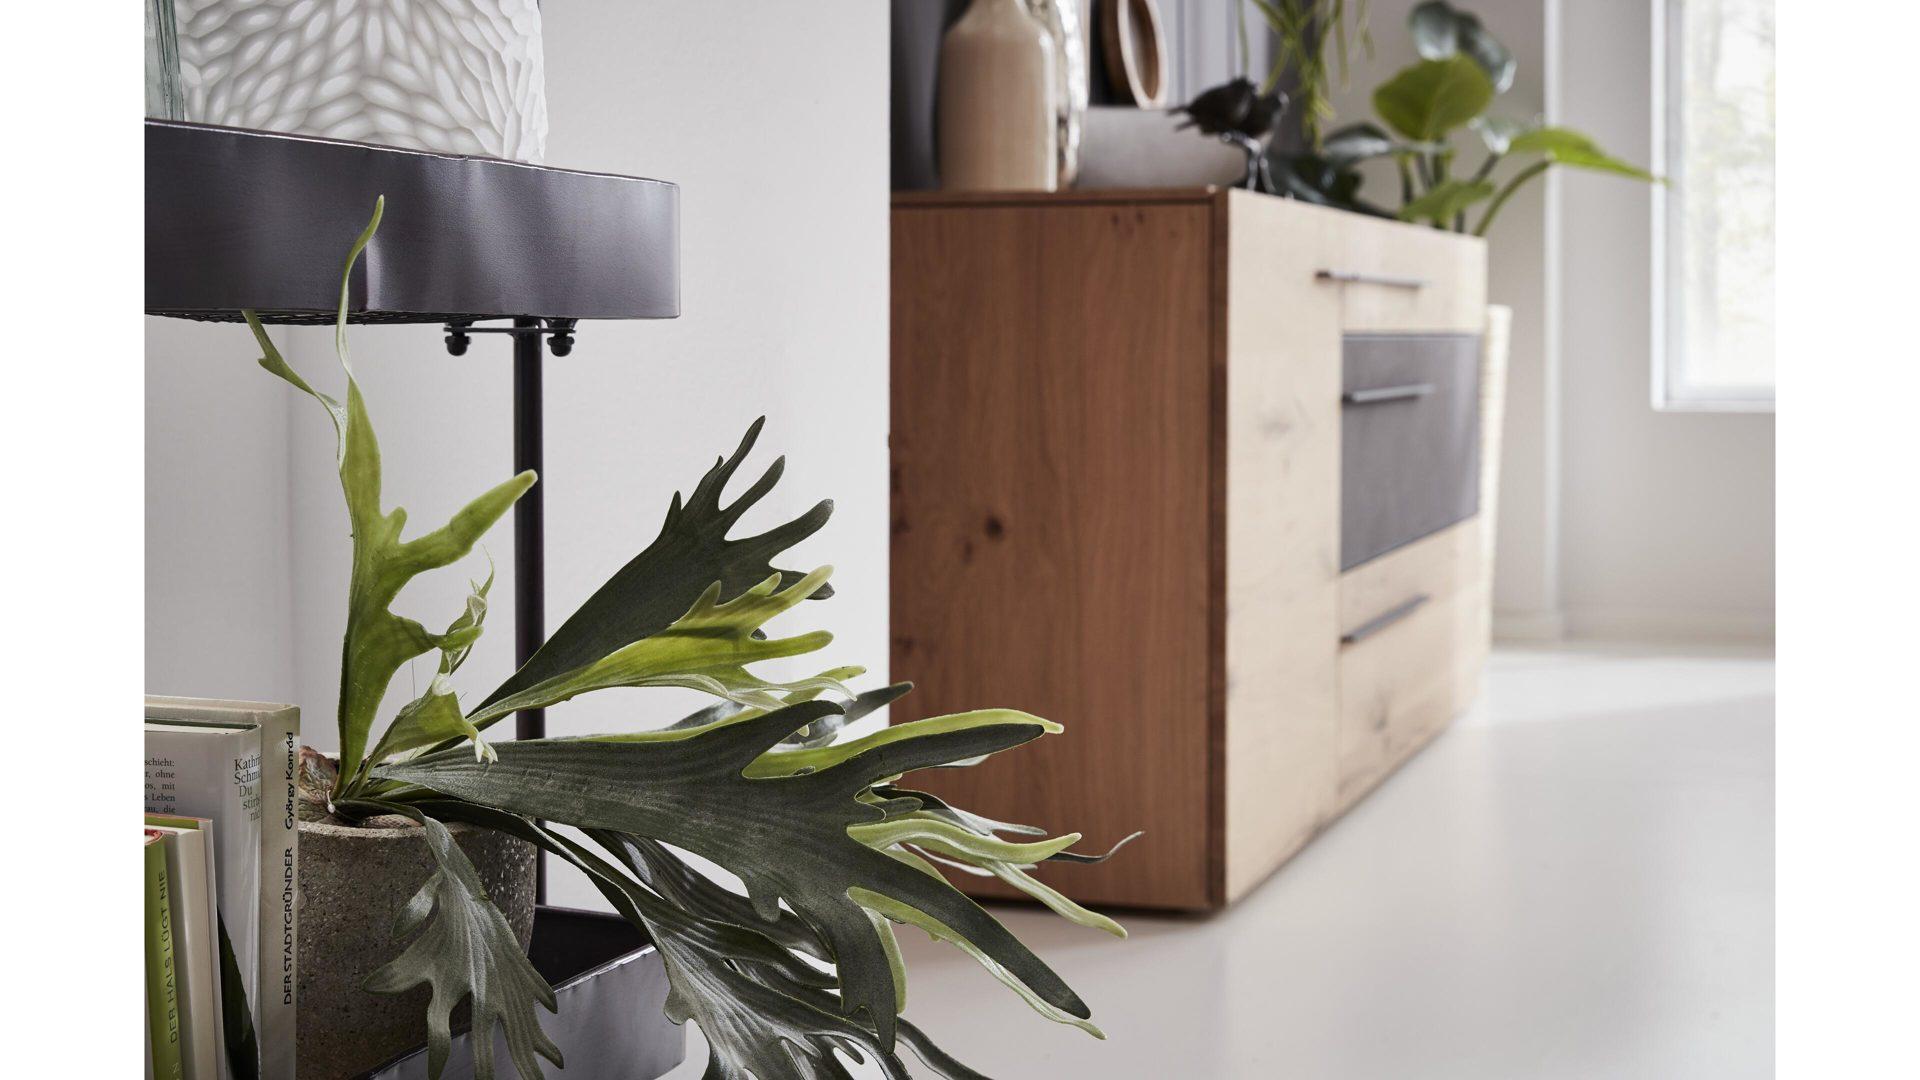 einrichtungspartnerring mobel a z stuhle banke interliving interliving wohnzimmer serie 2004 sideboard wildeiche beton eine tur